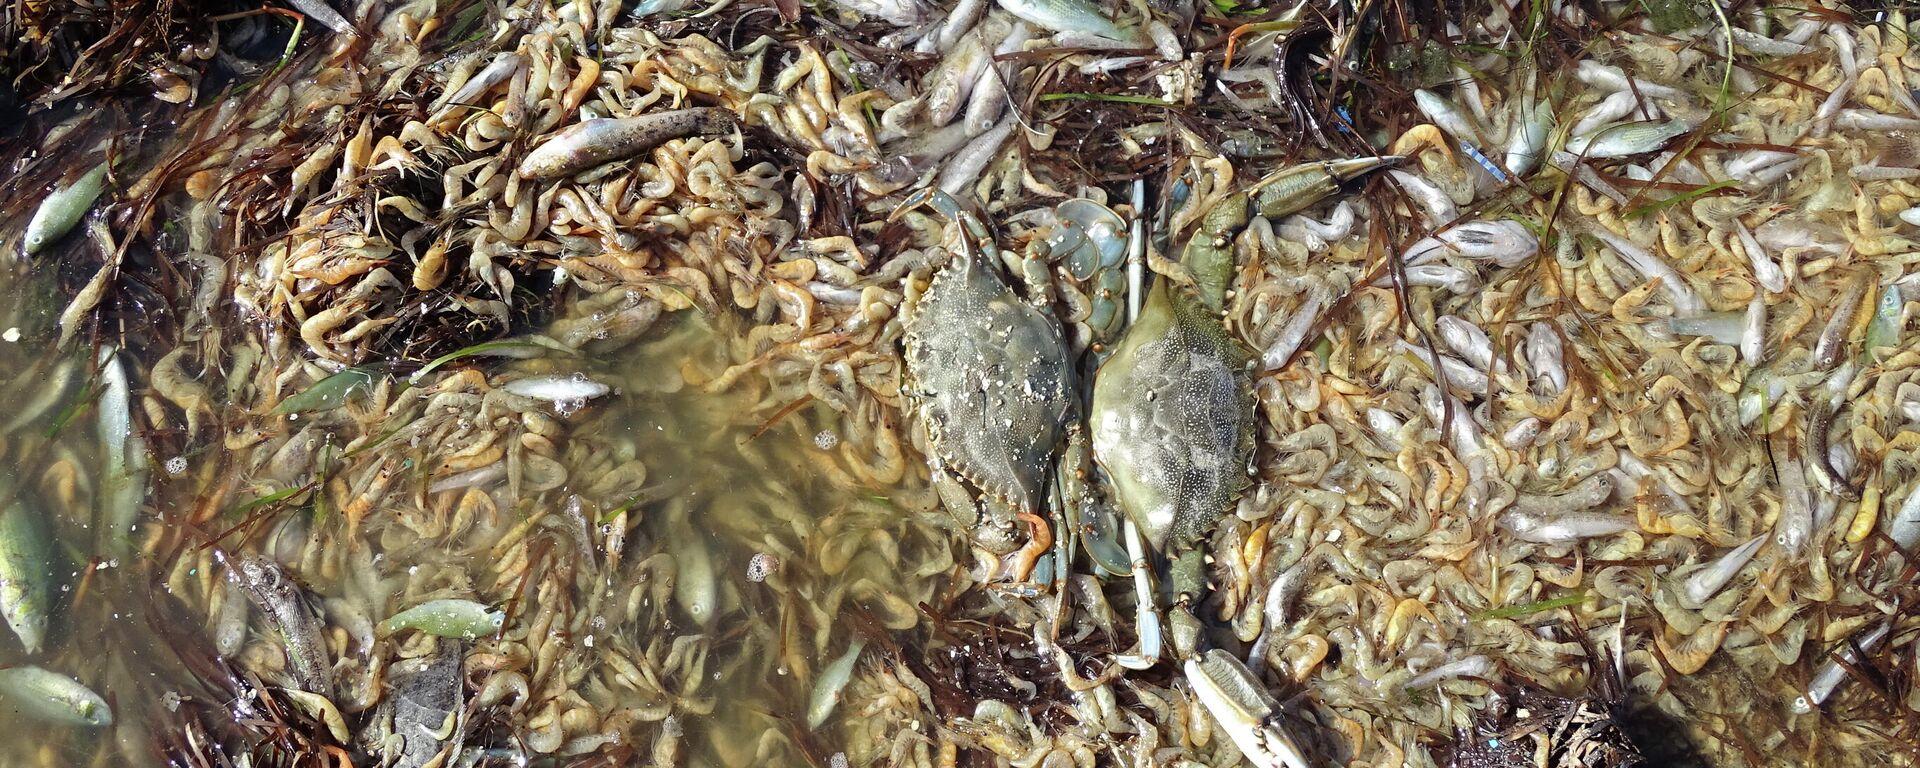 Peces muertos en una playa del Mar Menor en 2019 - Sputnik Mundo, 1920, 16.08.2021